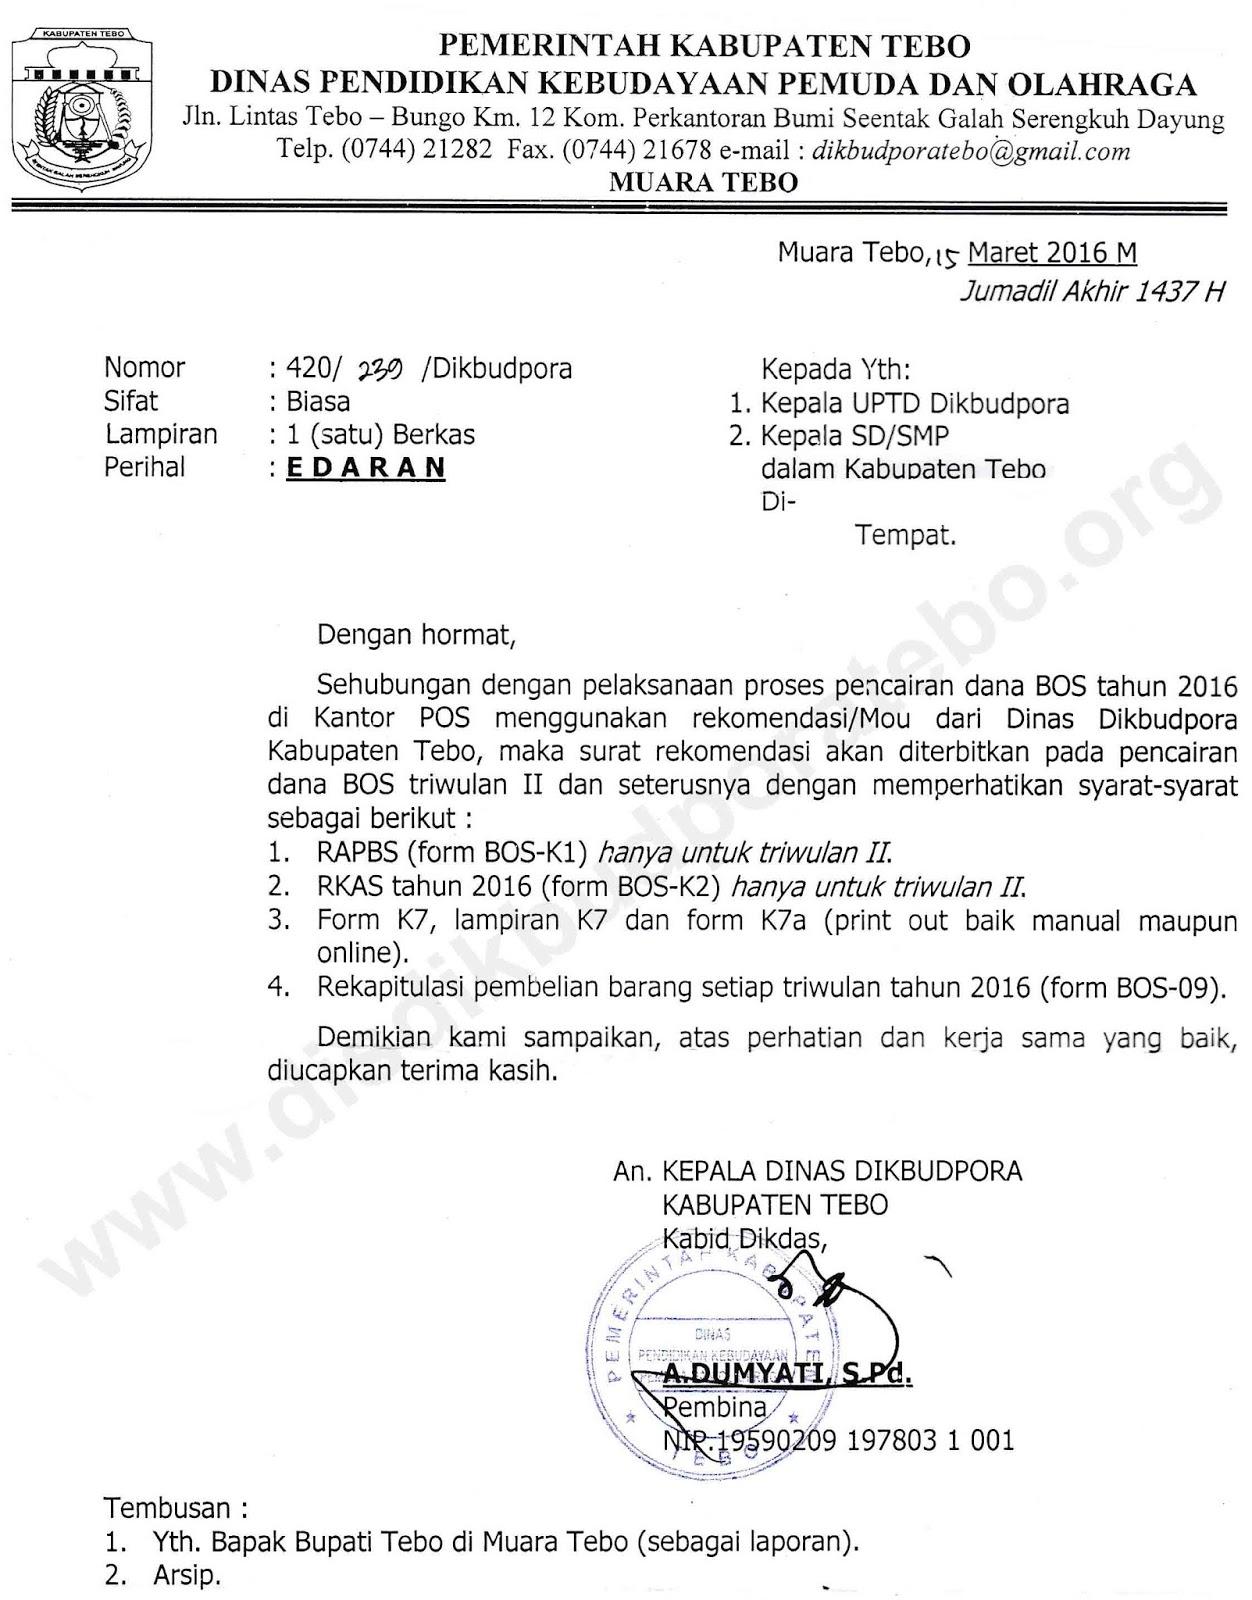 Surat Edaran Dinas Dikbudpora Tebo Tentang Syarat Pencairan